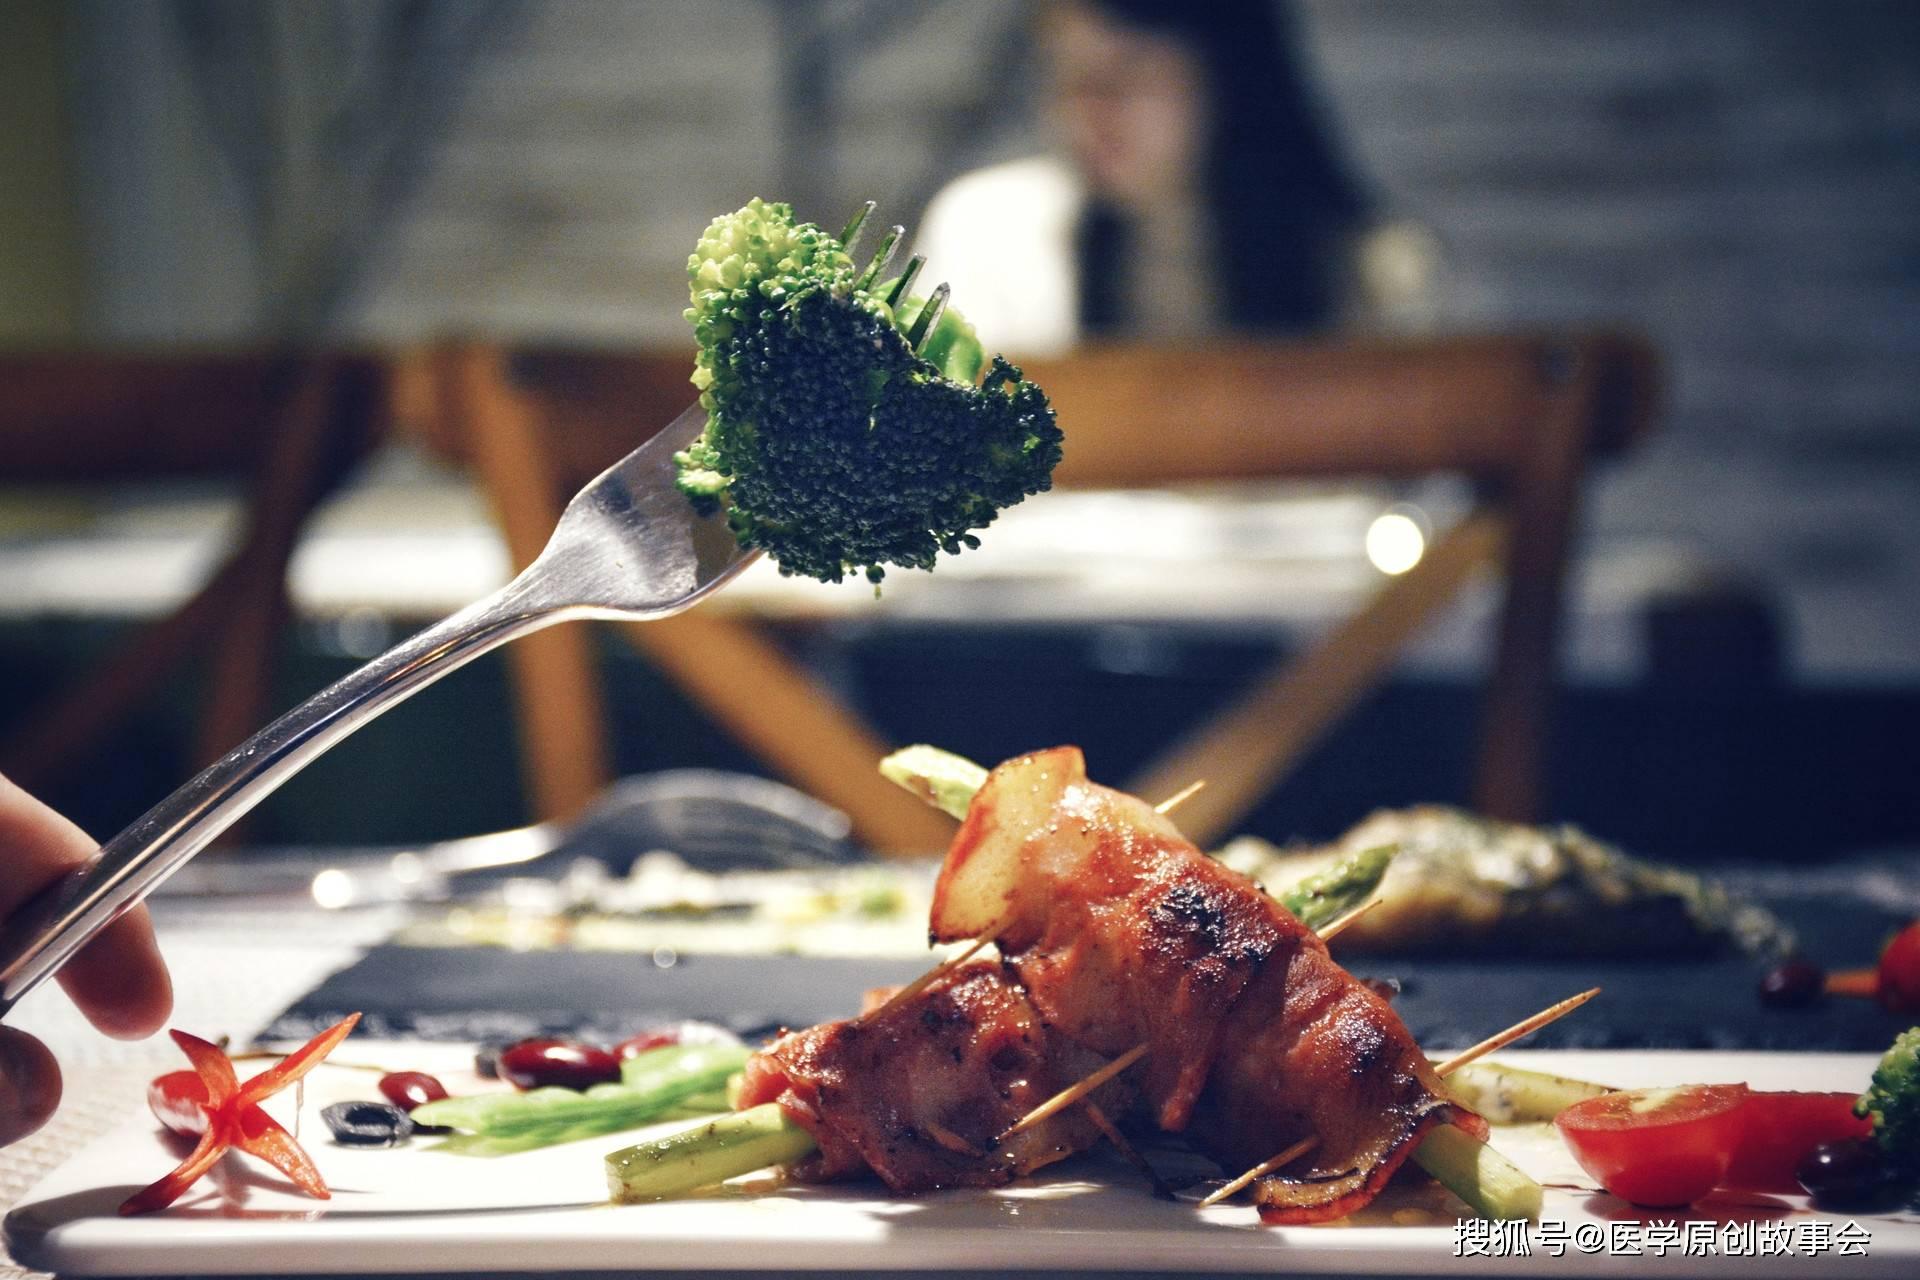 癌症是吃出来的,想长寿,五种肉坚持不碰,癌细胞会更远一点